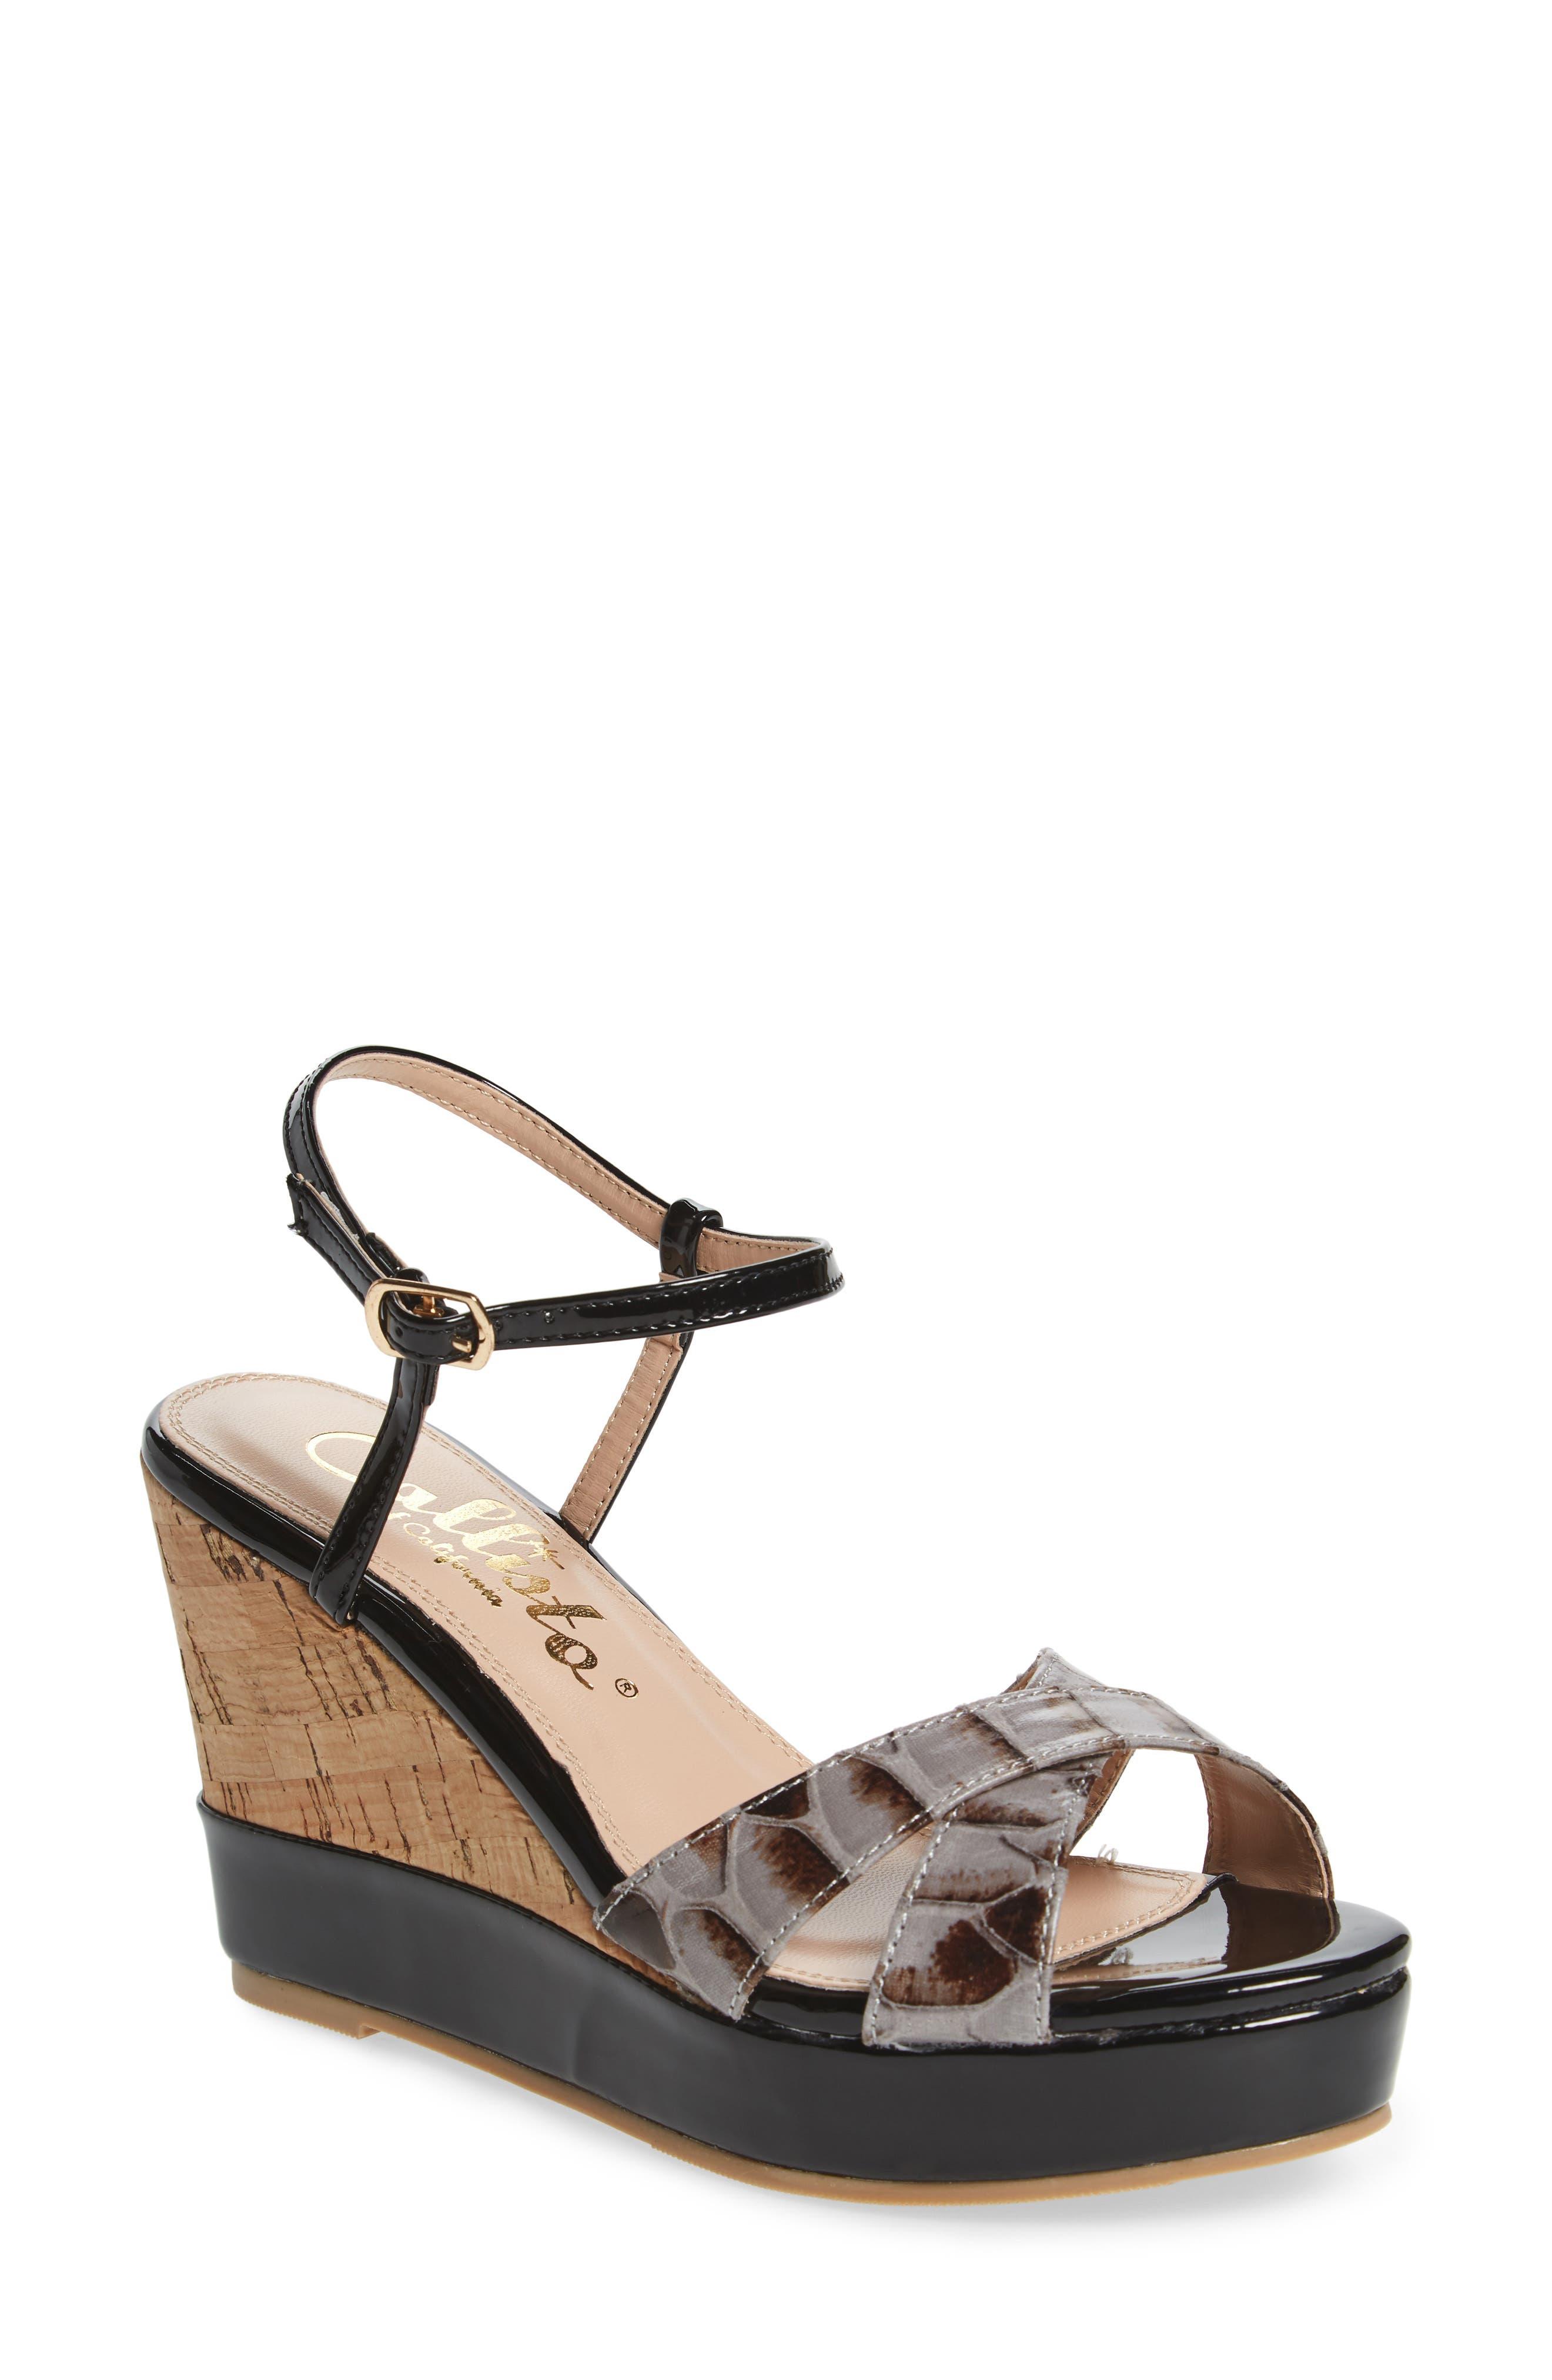 Lottie Platform Wedge Sandal,                             Main thumbnail 1, color,                             001